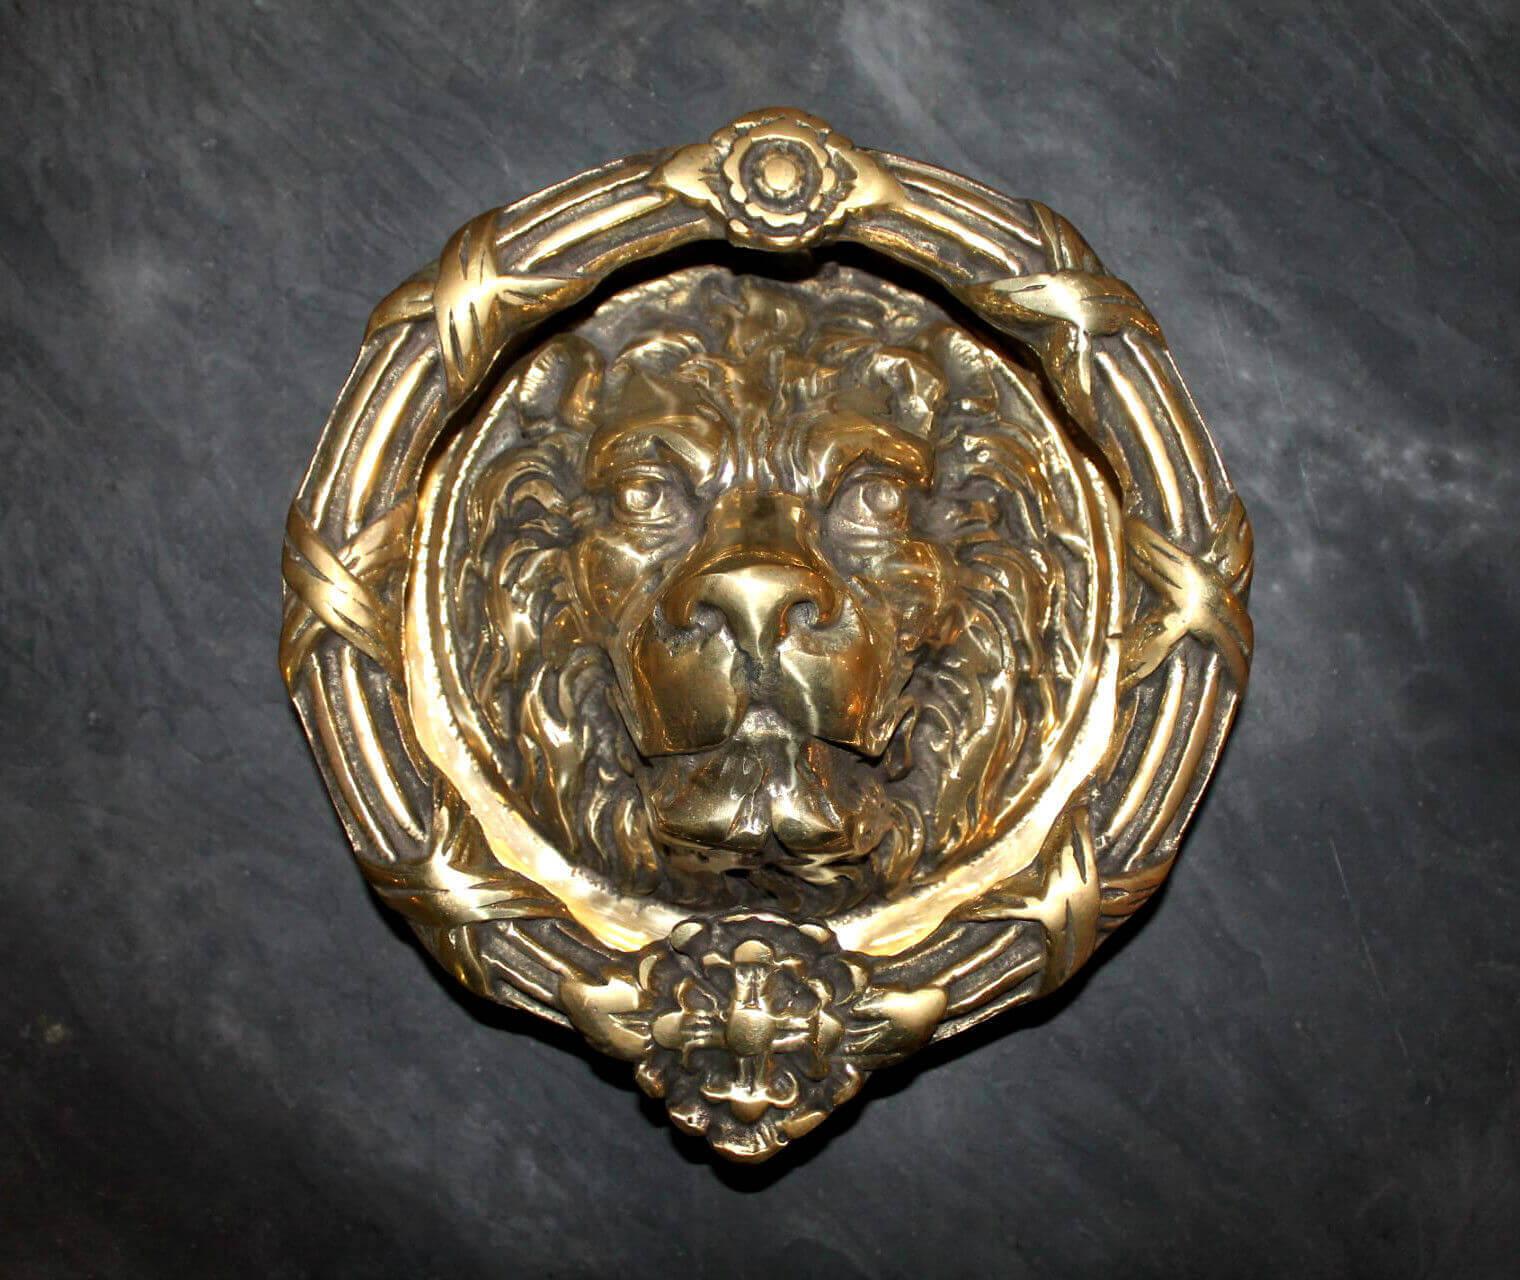 Antique solid brass large lions head door knocker warwick reclamation - Antique brass lion head door knocker ...